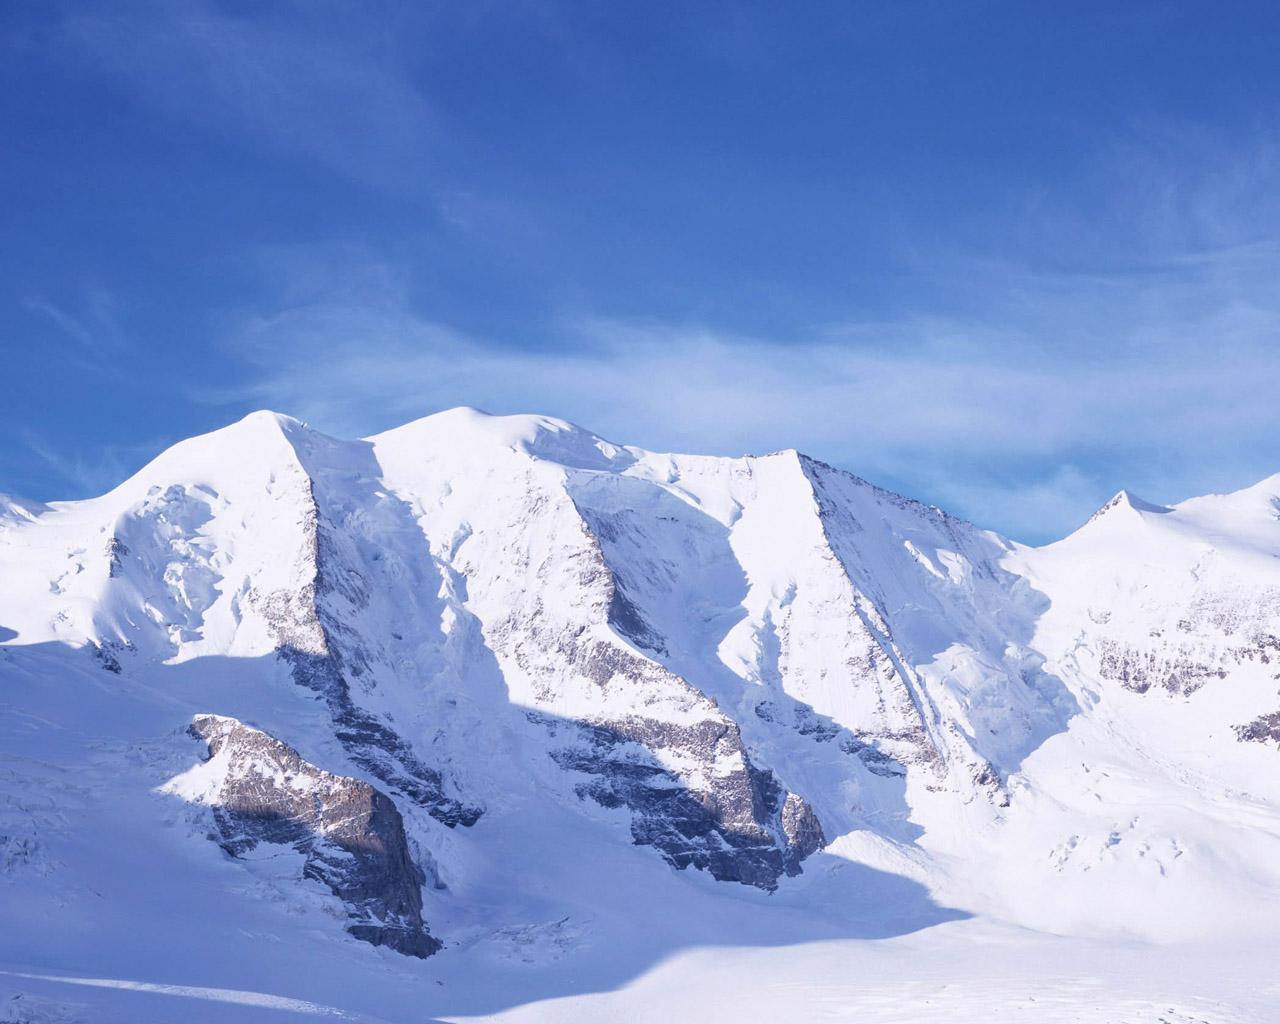 Pemandangan Salju Megah Di Pegunungan Salju HD Wallpaper Gratis